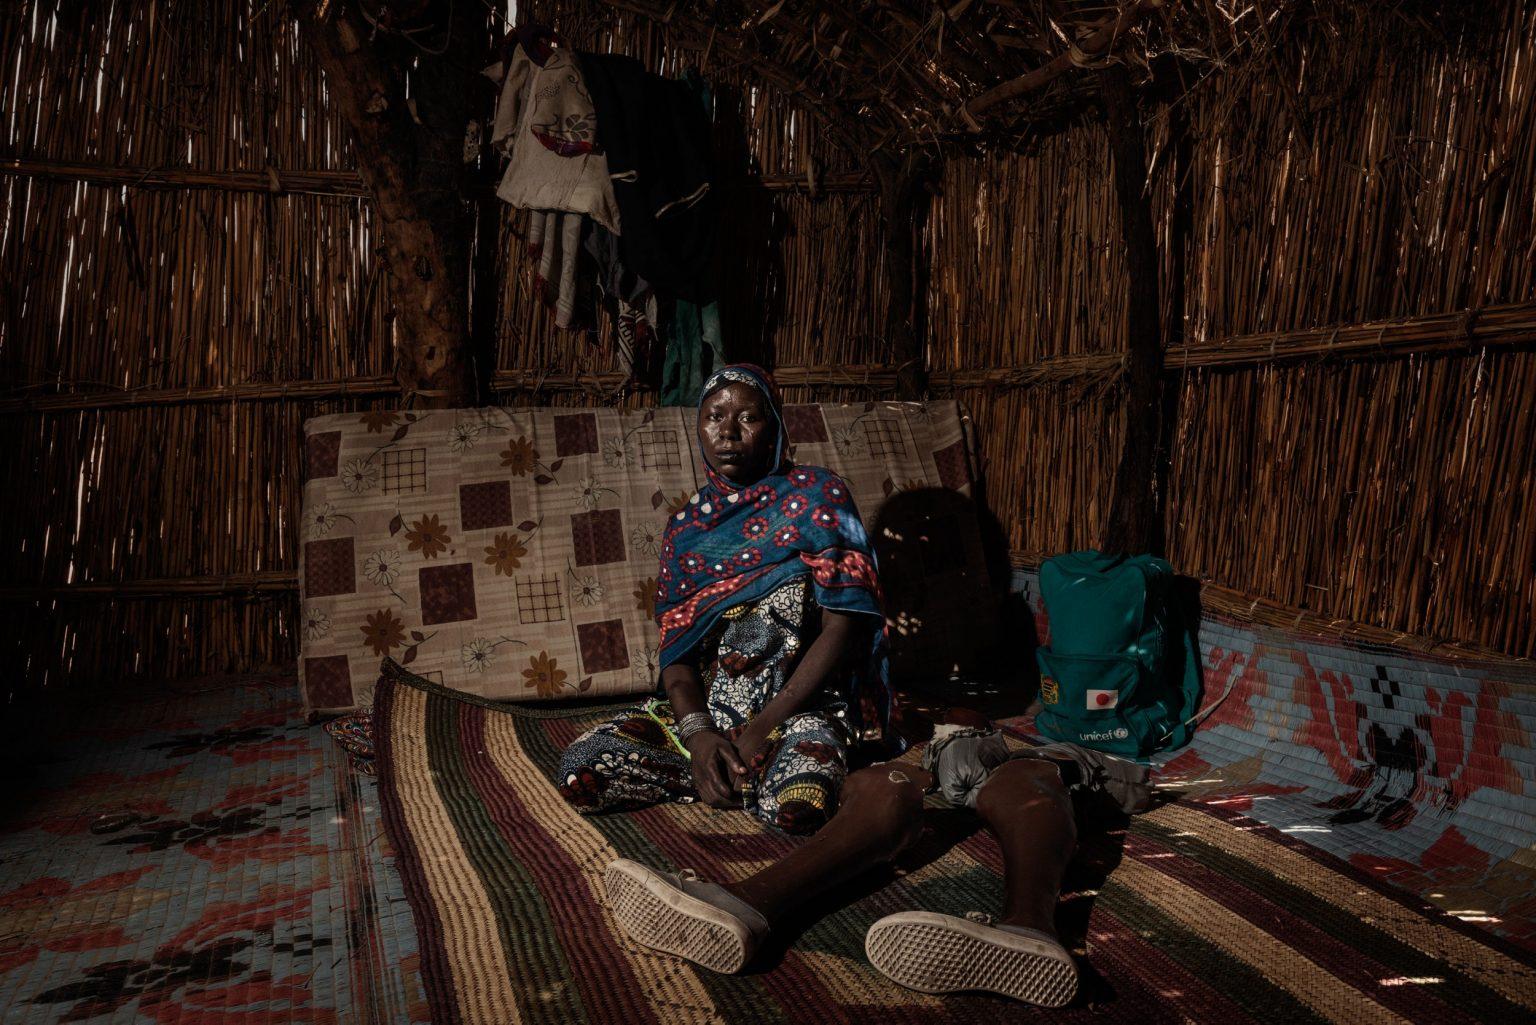 Africa, Chad, Gomirom Domouli, October 2018 - Halima Adama, a former member of Boko Haram terrorist group. Halima is a kamikaze who survived a suicide attack she carried out herself. This young woman, now aged 20, was forced into carrying out this suicide mission at the age of just 18. She did not die in the explosion, but she lost both of her legs, and has now returned to live with her family in the village of Gomirom Domouli. >< Africa, Ciad, Gomirom Domouli, Ottobre 2018 - Halima Adama, una ex membra del gruppo terroristico Boko Haram. Halima è una kamikaze che è sopravvissuta all?attacco suicida compiuto da lei stessa. Questa giovane donna, che ora ha 20 anni, è stata costretta a compiere questa missione suicida all?età di 18 anni. Non è morta nell?esplosione ma ha perso entrambe le gambe ed è tornata ora a vivere con la sua famiglia nel villaggio di Gomirom Domouli.*** SPECIAL   FEE   APPLIES *** *** Local Caption *** 01362922